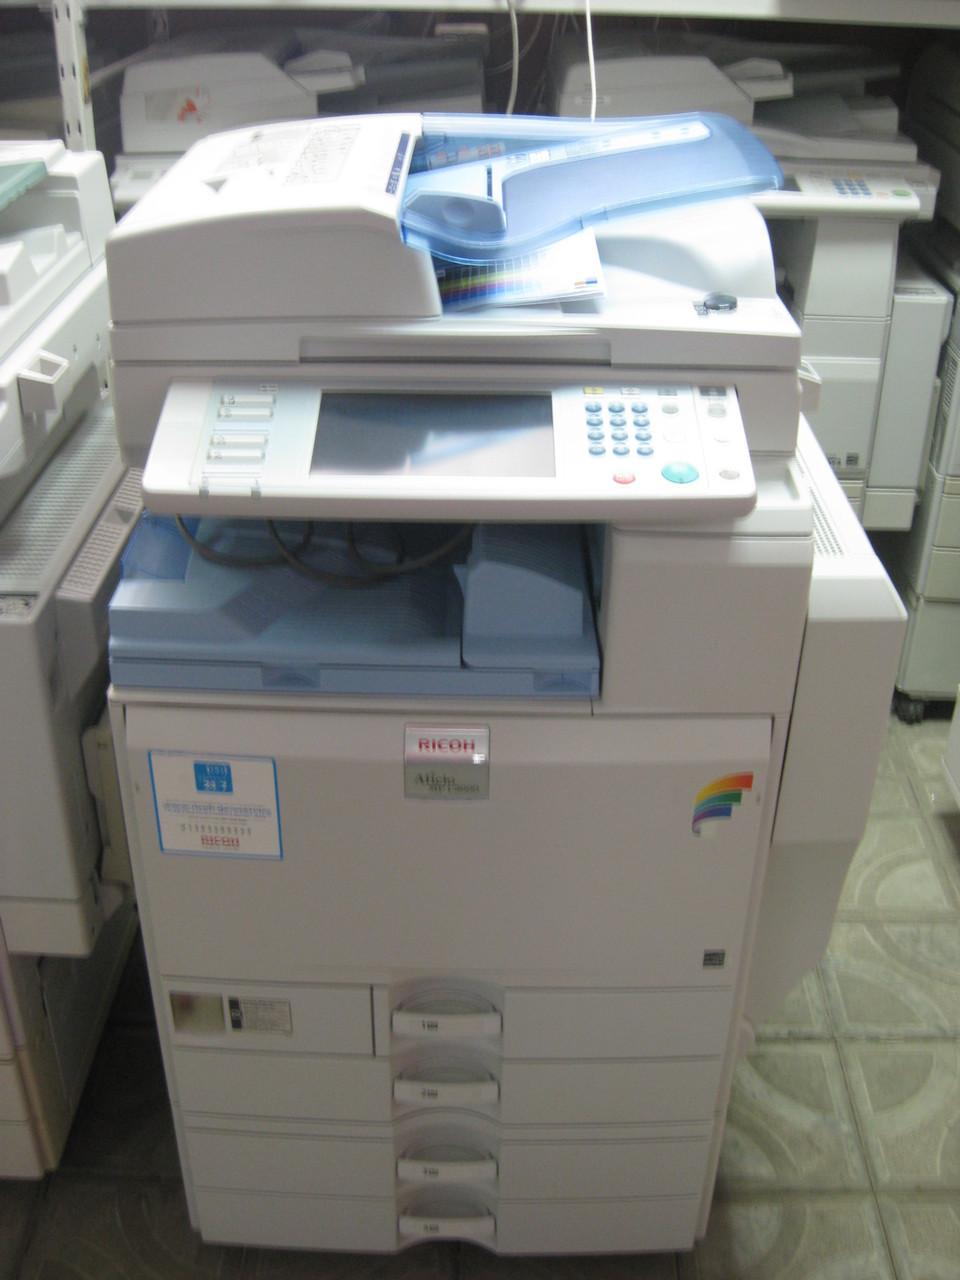 Ricoh mpc 5000